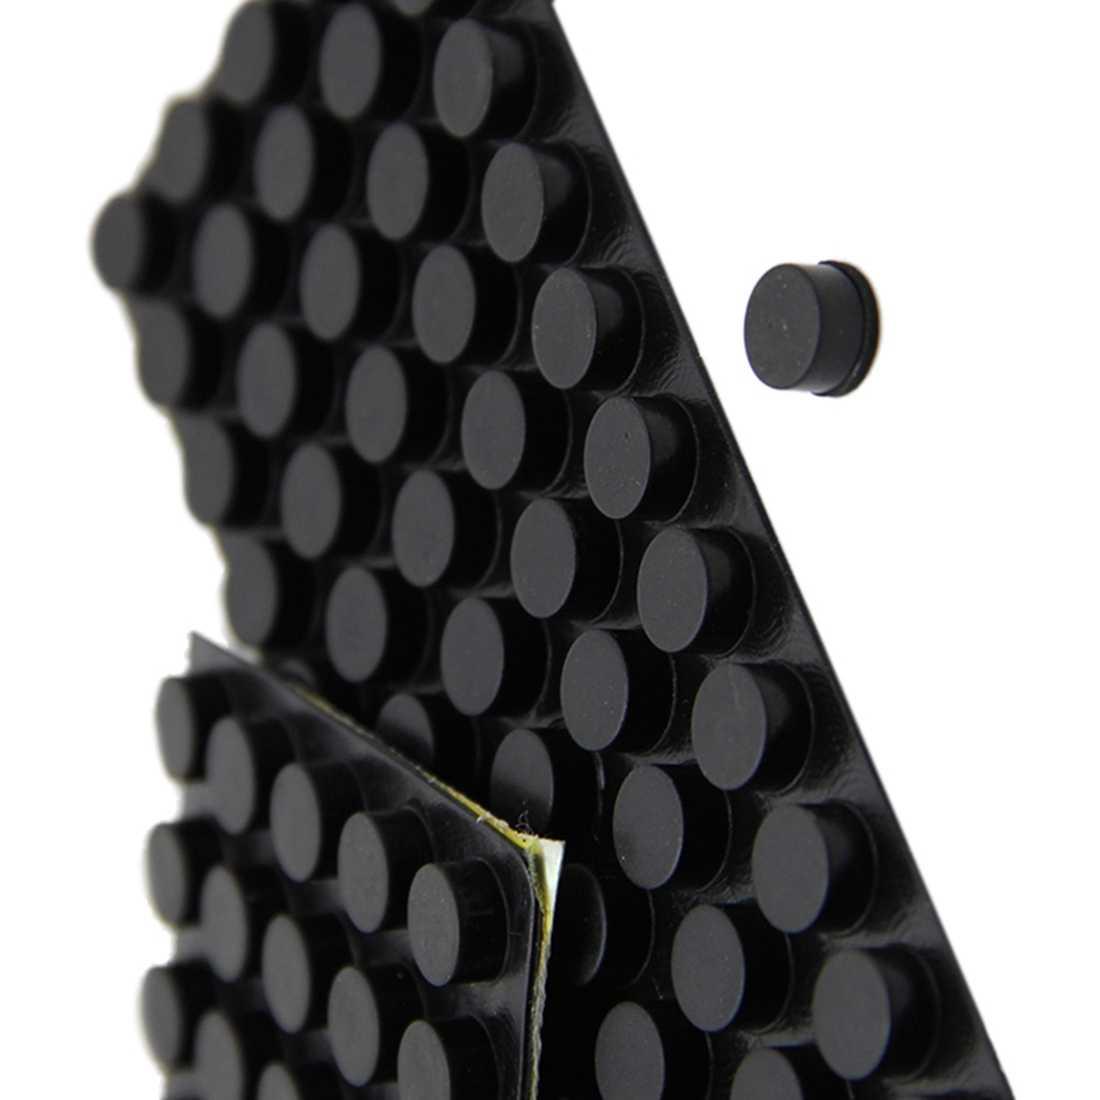 เฟอร์นิเจอร์,รอบ,10 มม.x 5 มม.,self-adhesive แผ่นยาง 6 in 1